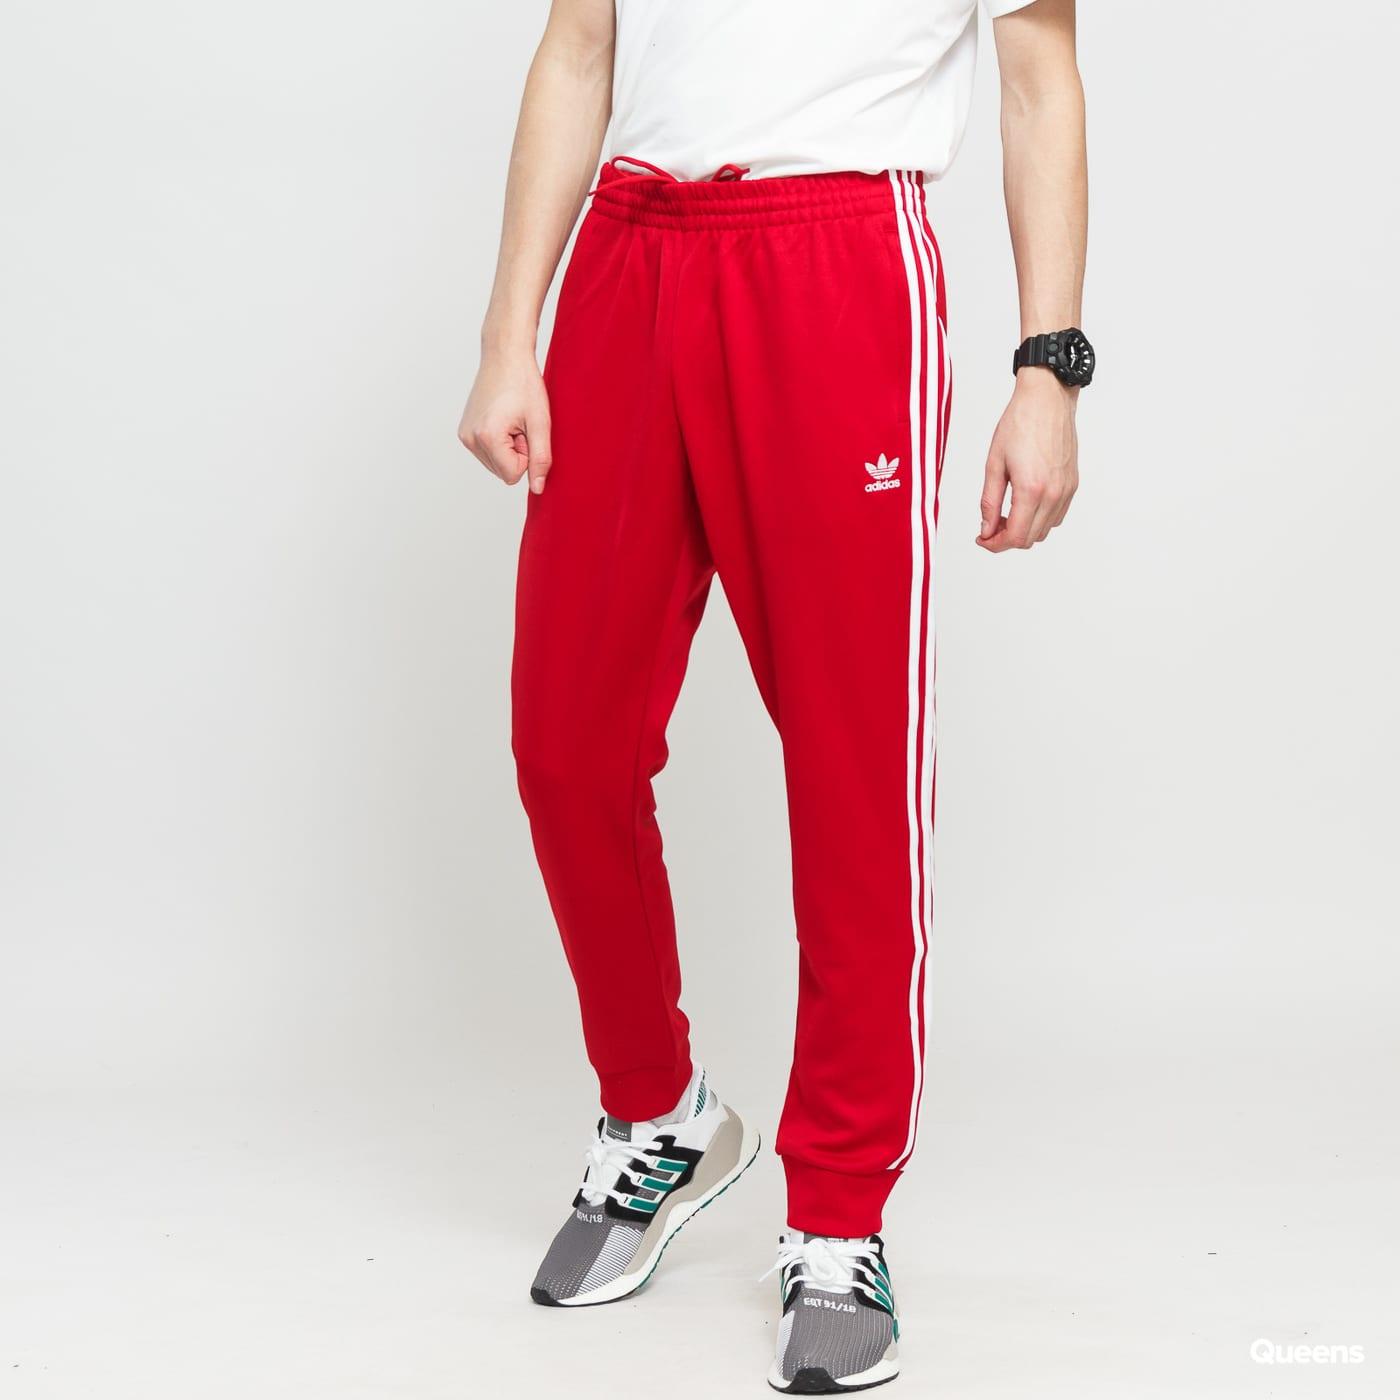 6a5d10242793 Tepláky adidas Originals SST TP (DV1534) – Queens 💚